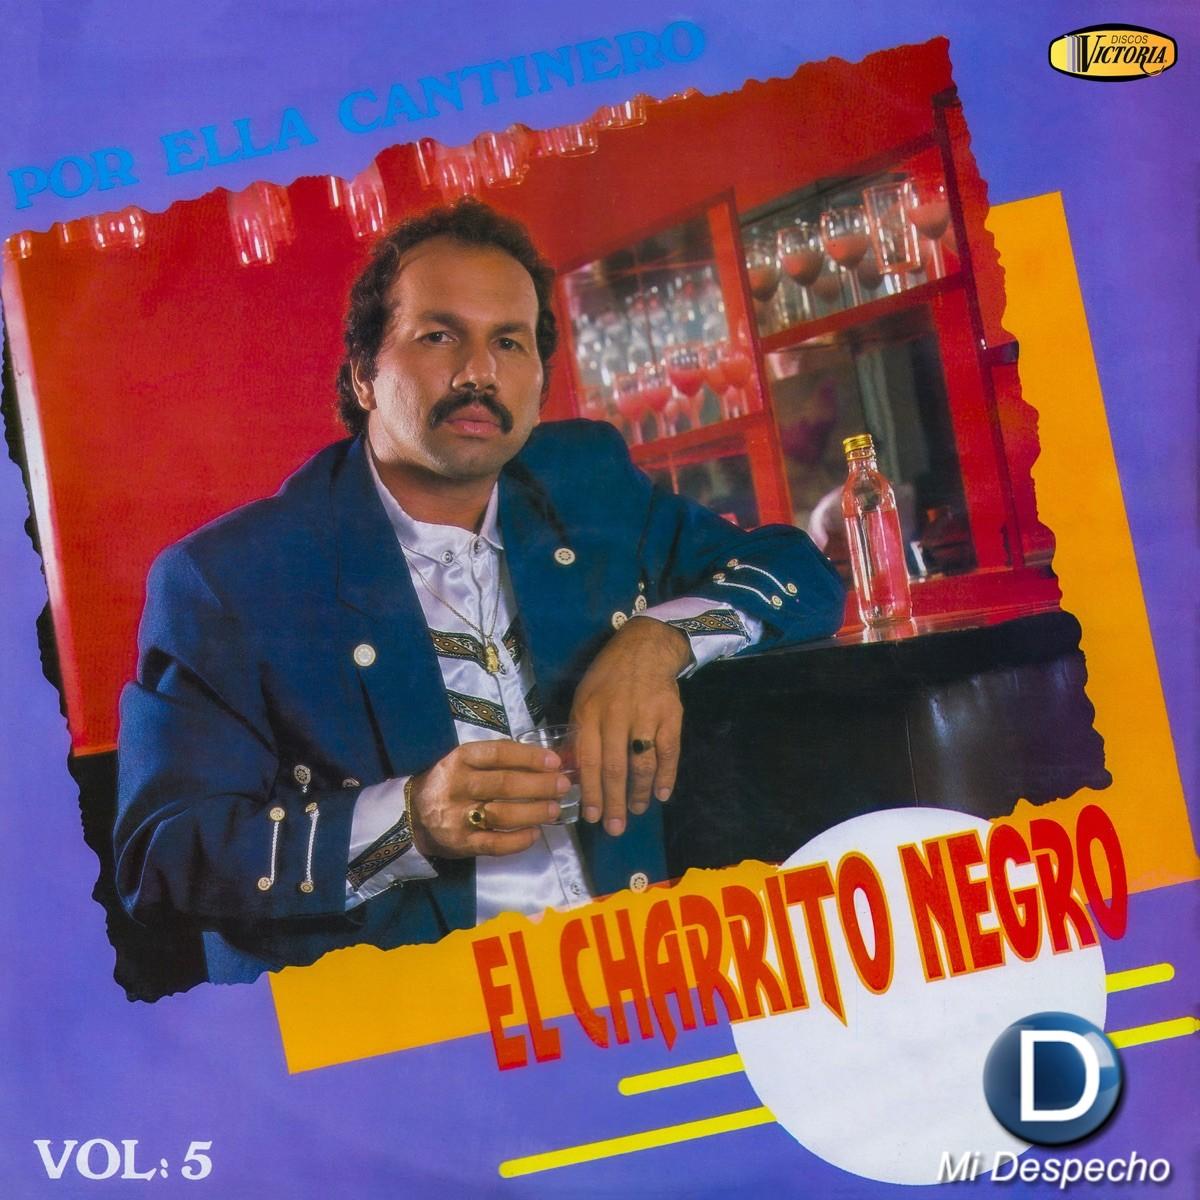 Charrito Negro Por Ella Cantinero Vol. 5 Frontal